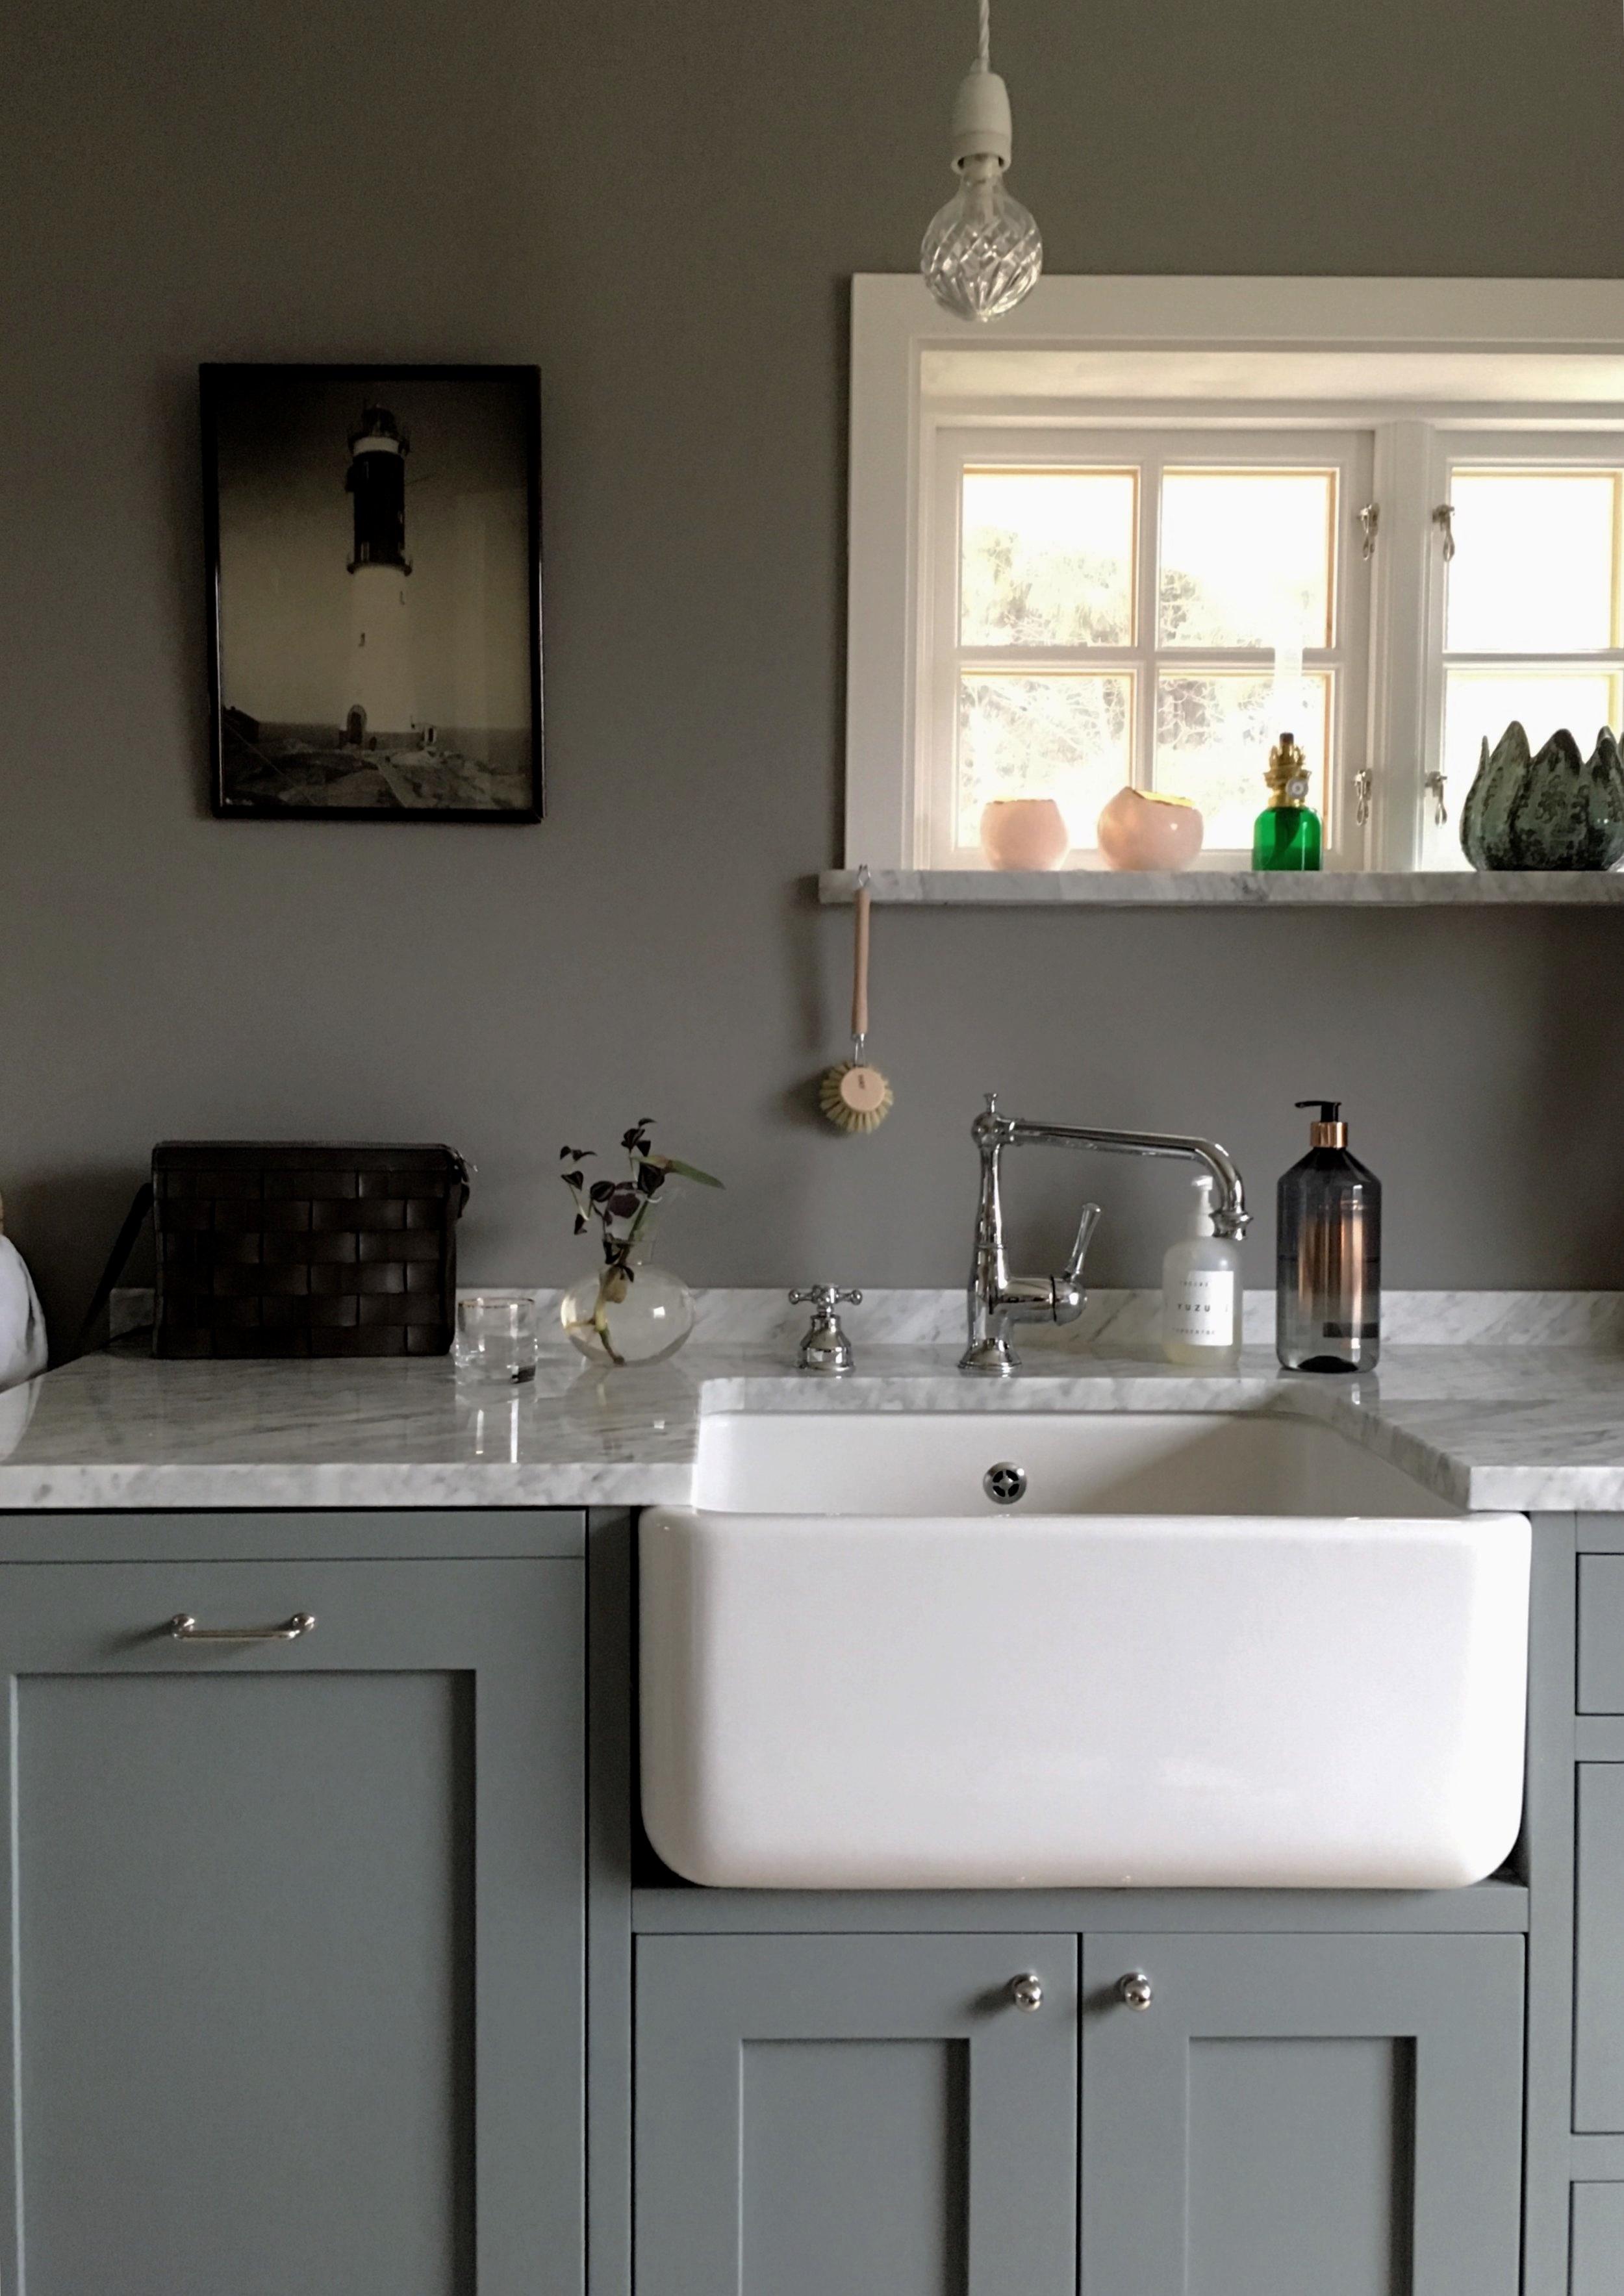 Sobert kök i grå toner med lite skärgårdsinslag på väggarna.